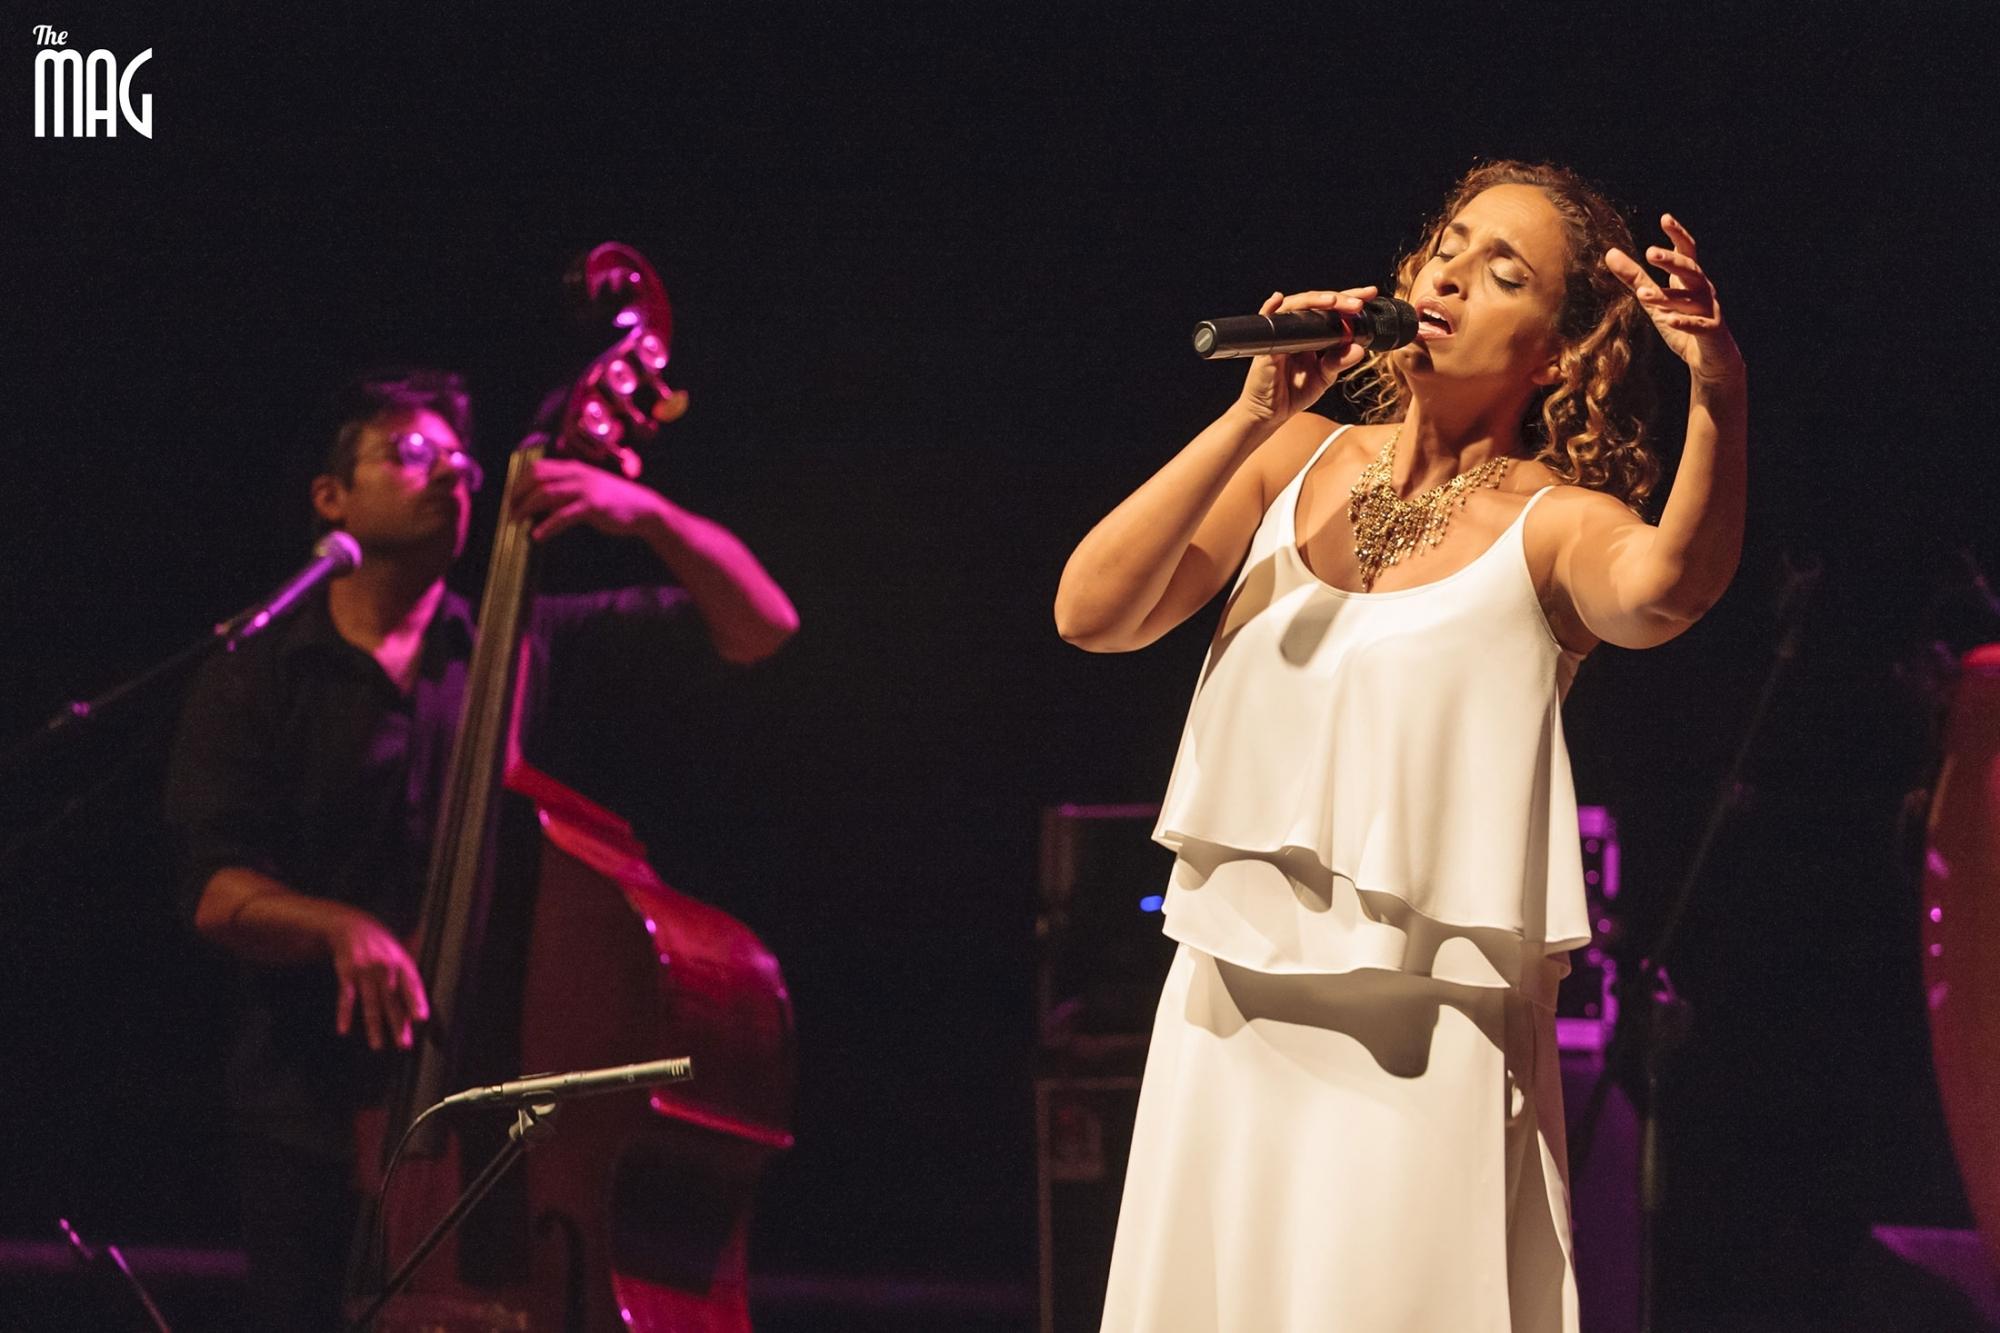 Noa Achinoam Nini canta al festival delle nazioni